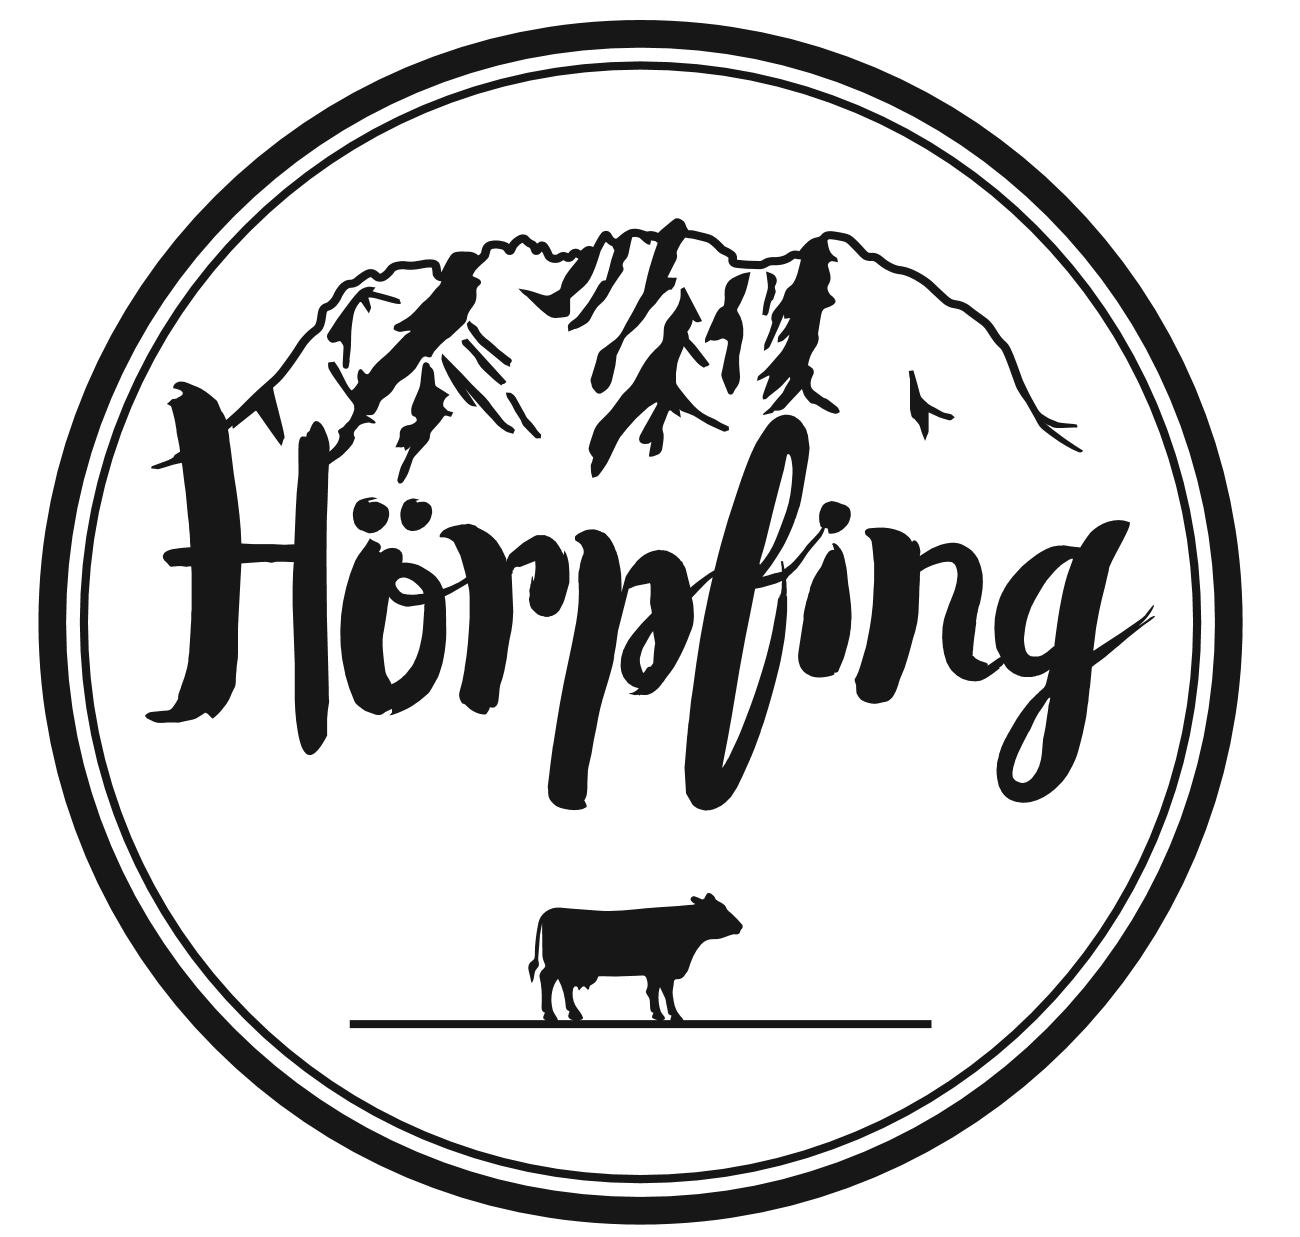 Hörpfing - Fleisch, Milch, Butter und Käse aus Reith bei Kitzbühel